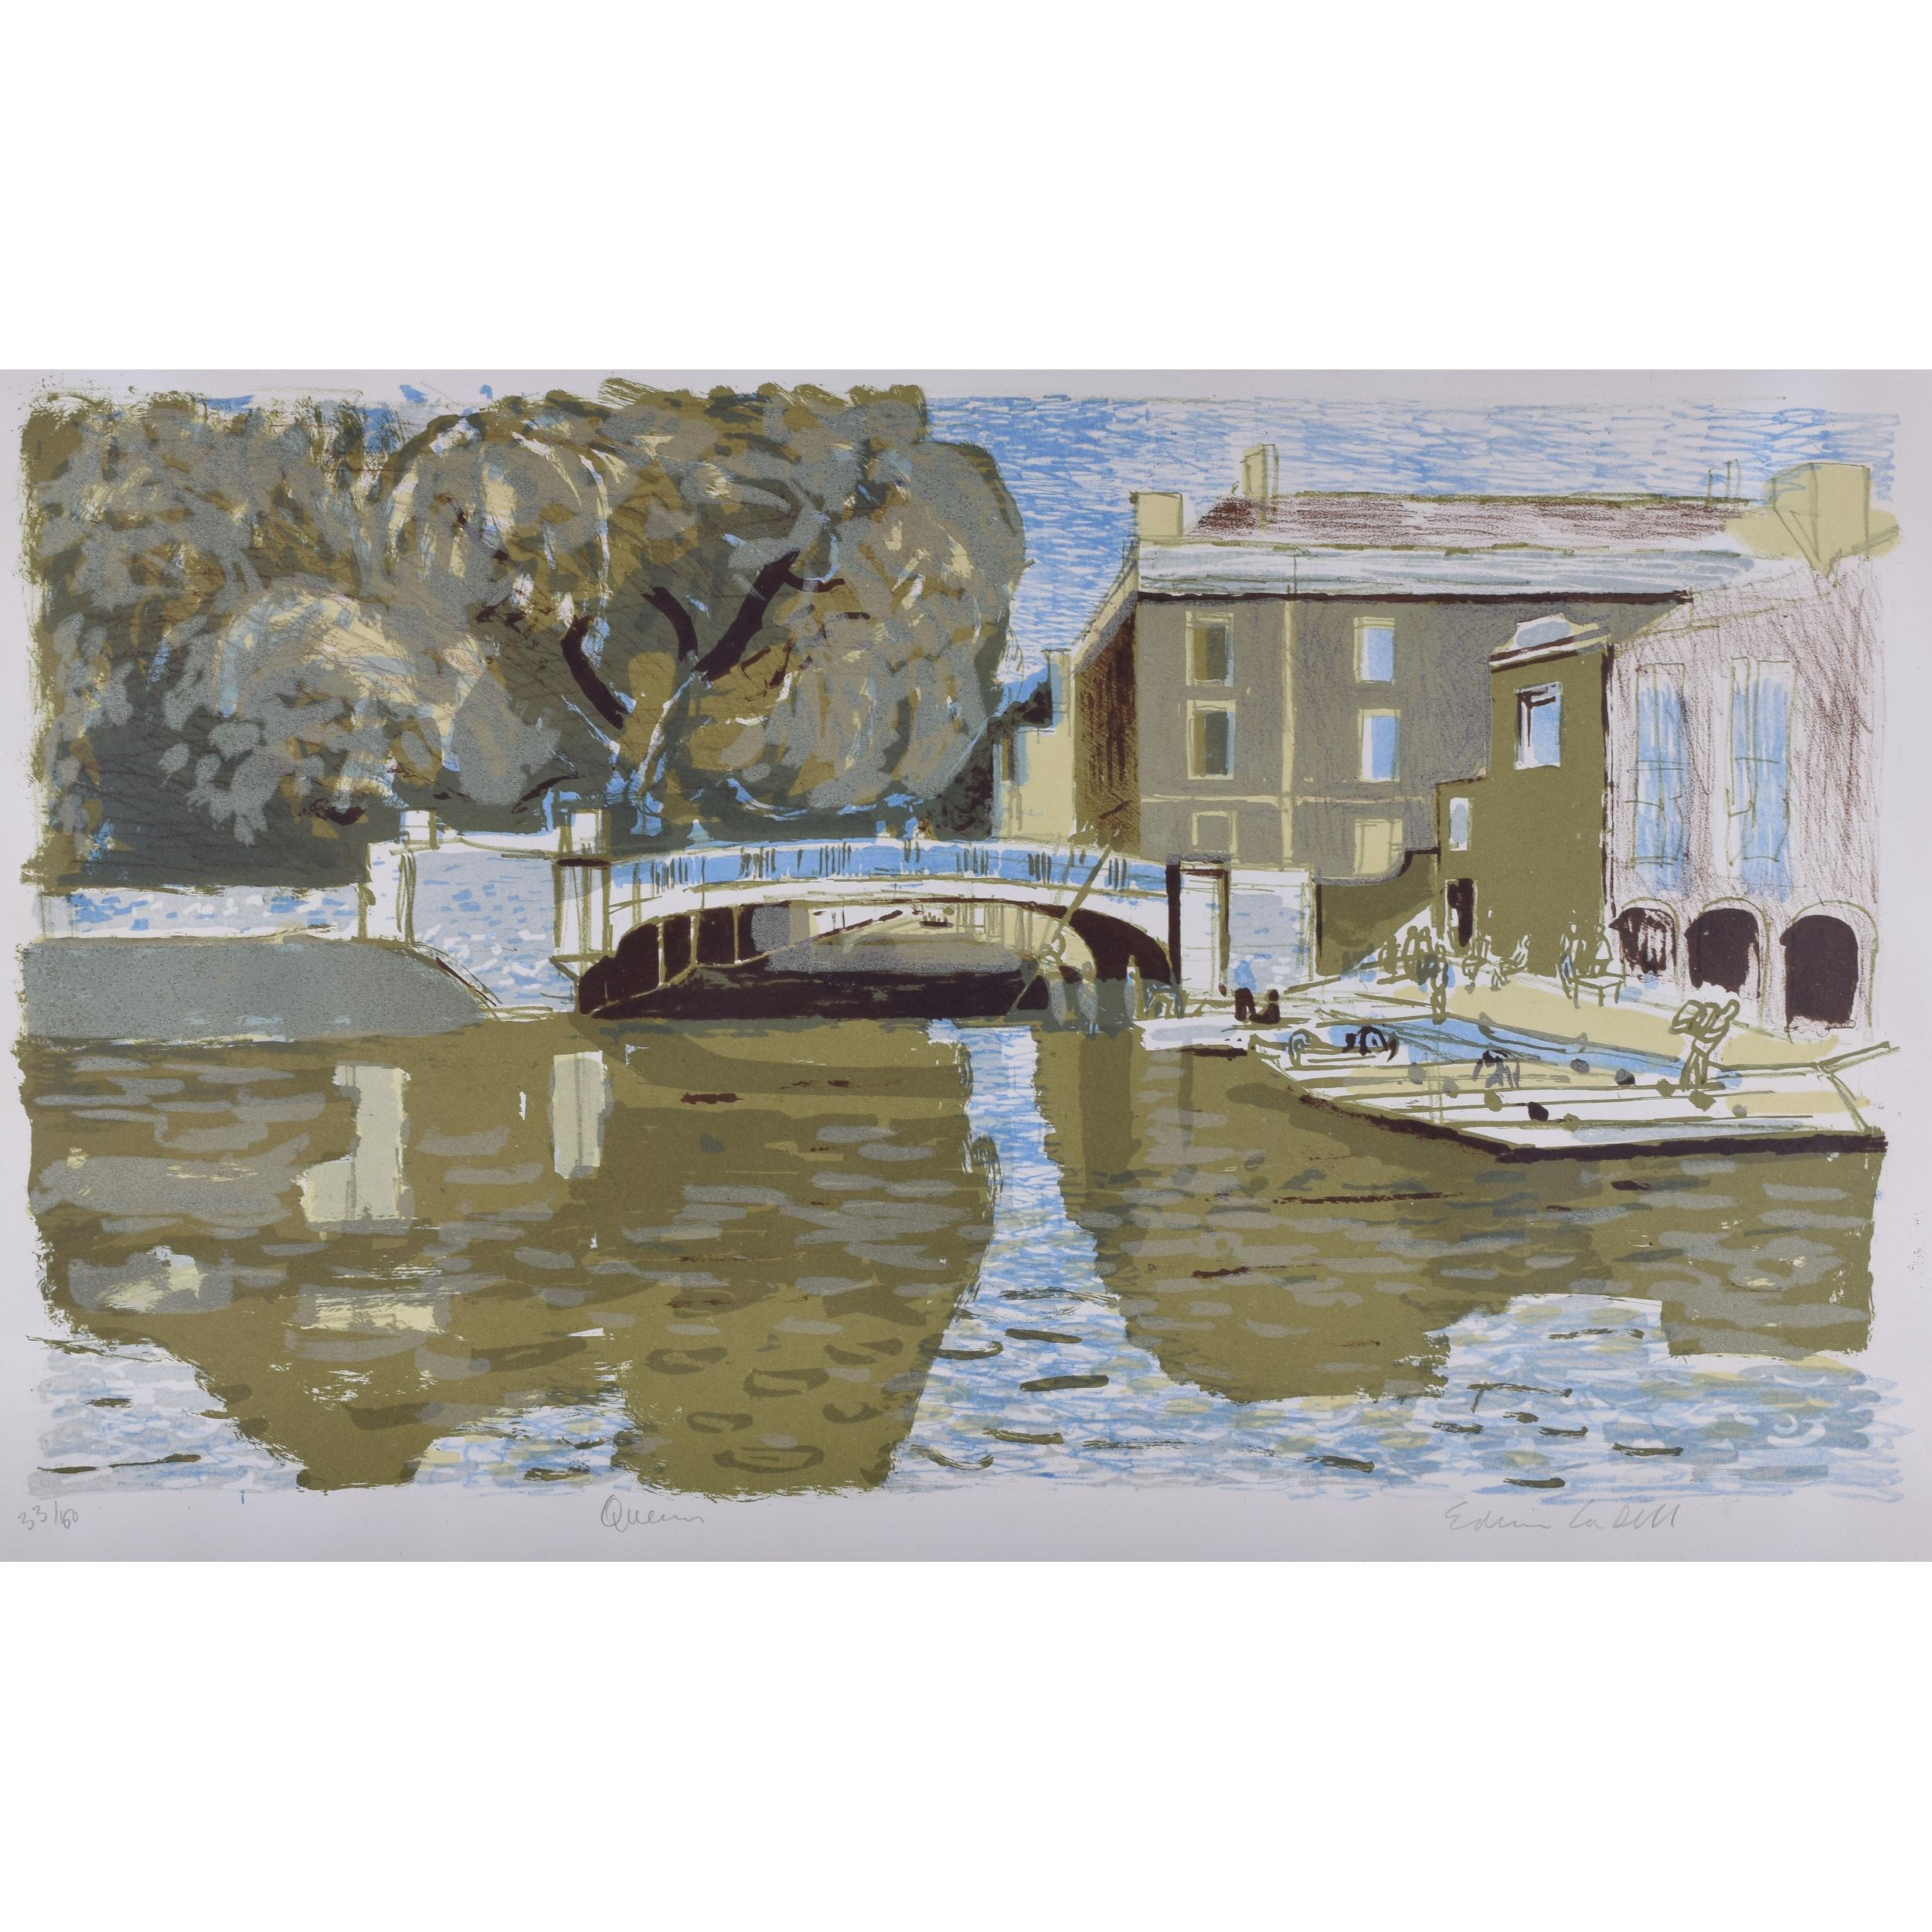 Edwin La Dell Queens' College Cambridge lithograph